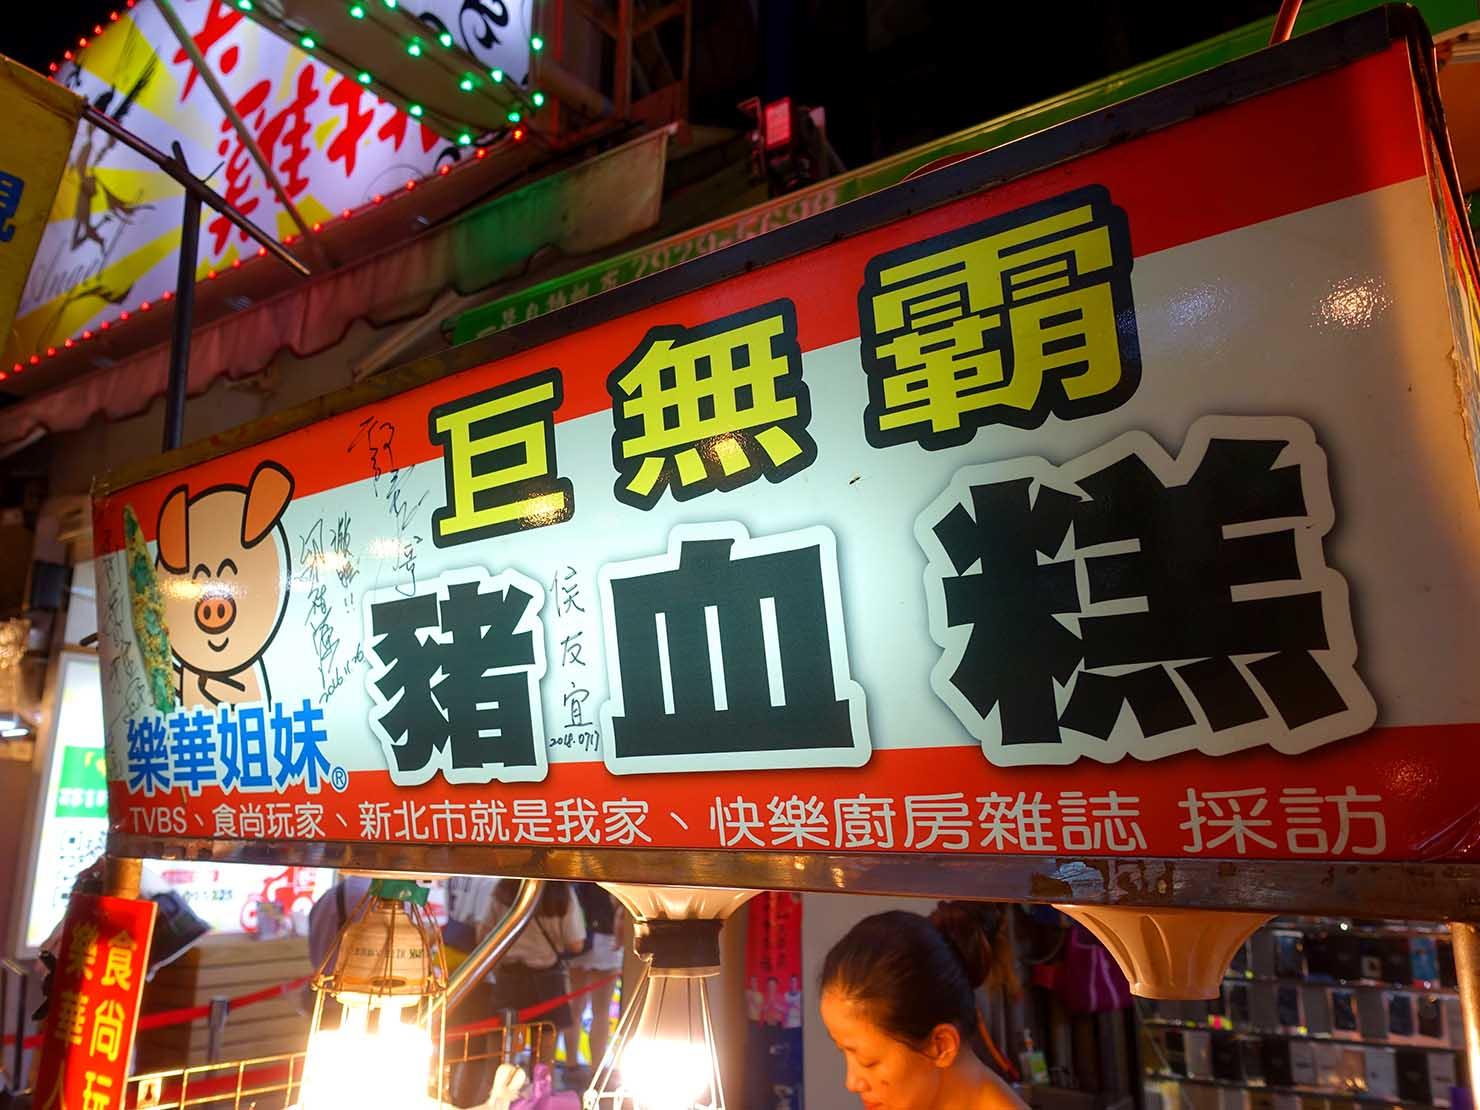 台湾夜市の定番グルメ「豬血糕」の屋台